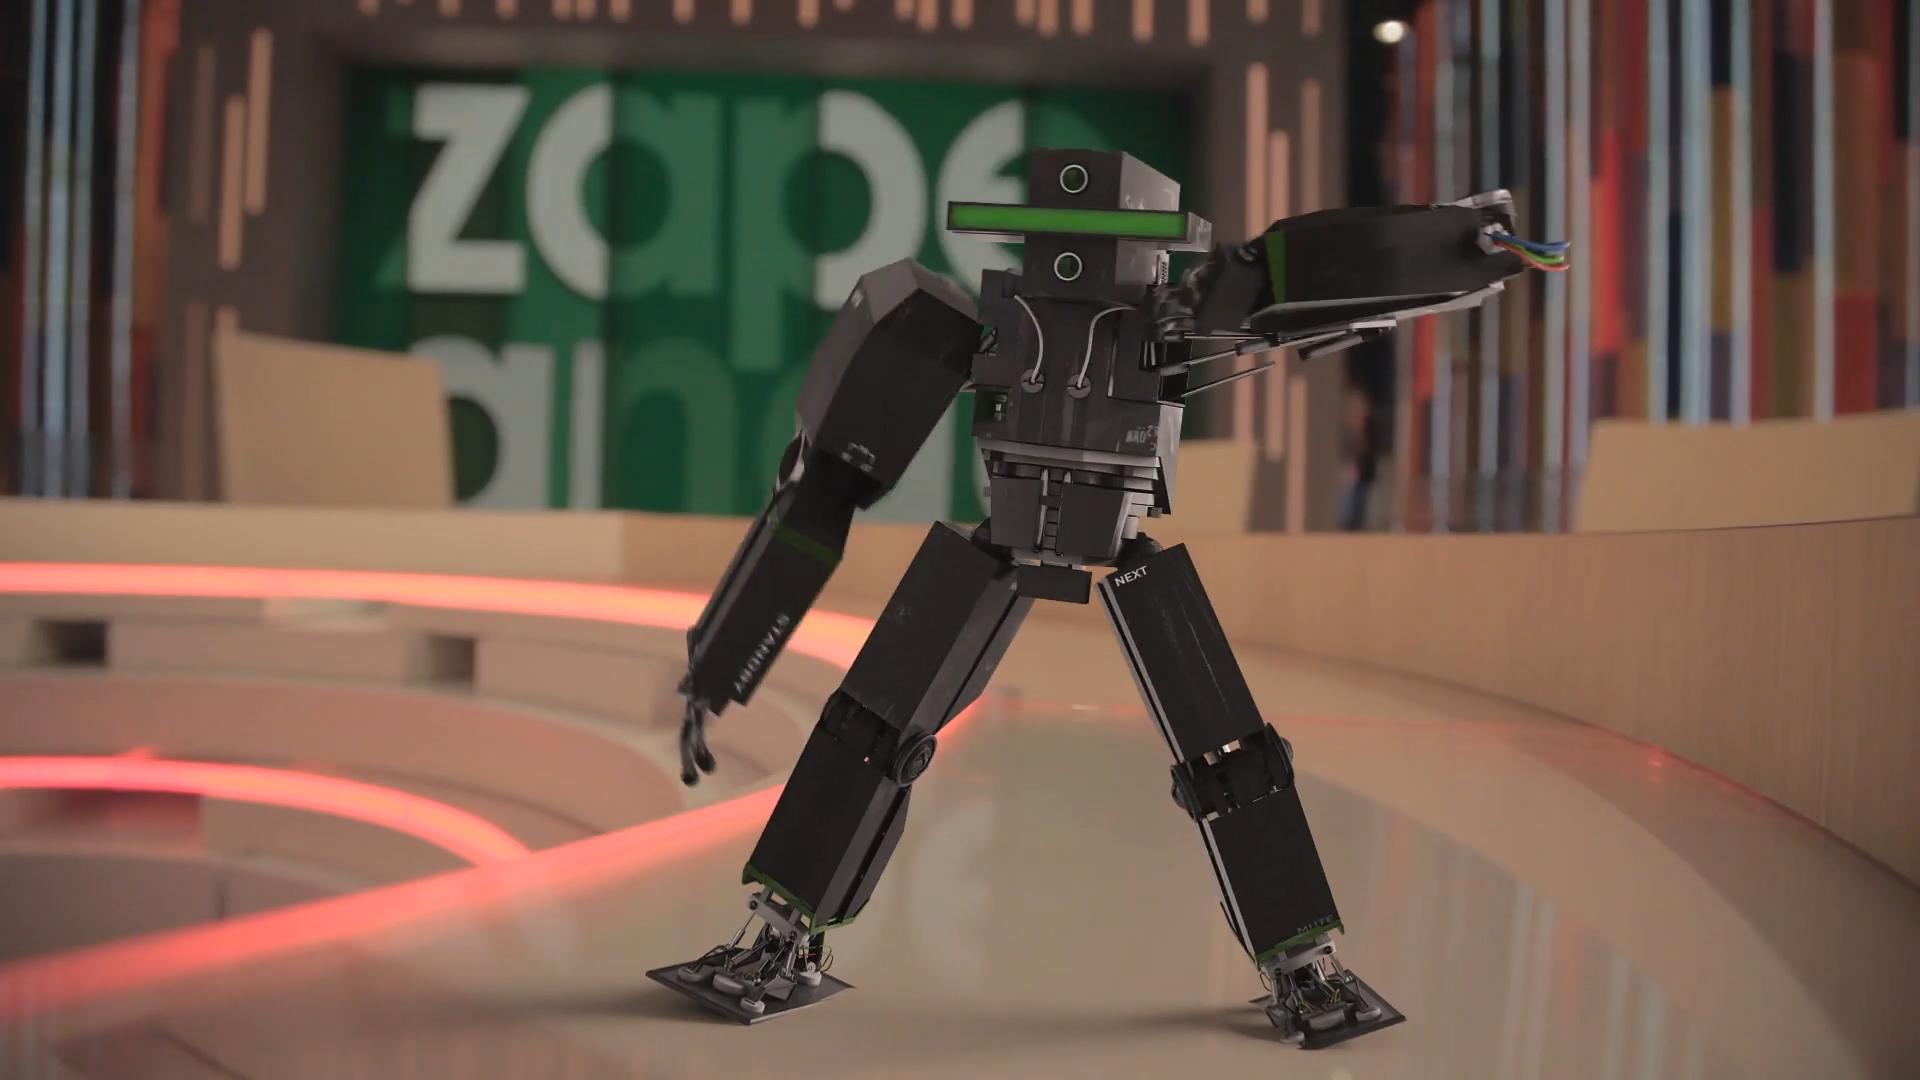 robot-la-sexta-el-exilio-animacion-3d-modelado-texturizado-video-plato-zappeando-television-1920x1080-1.jpg